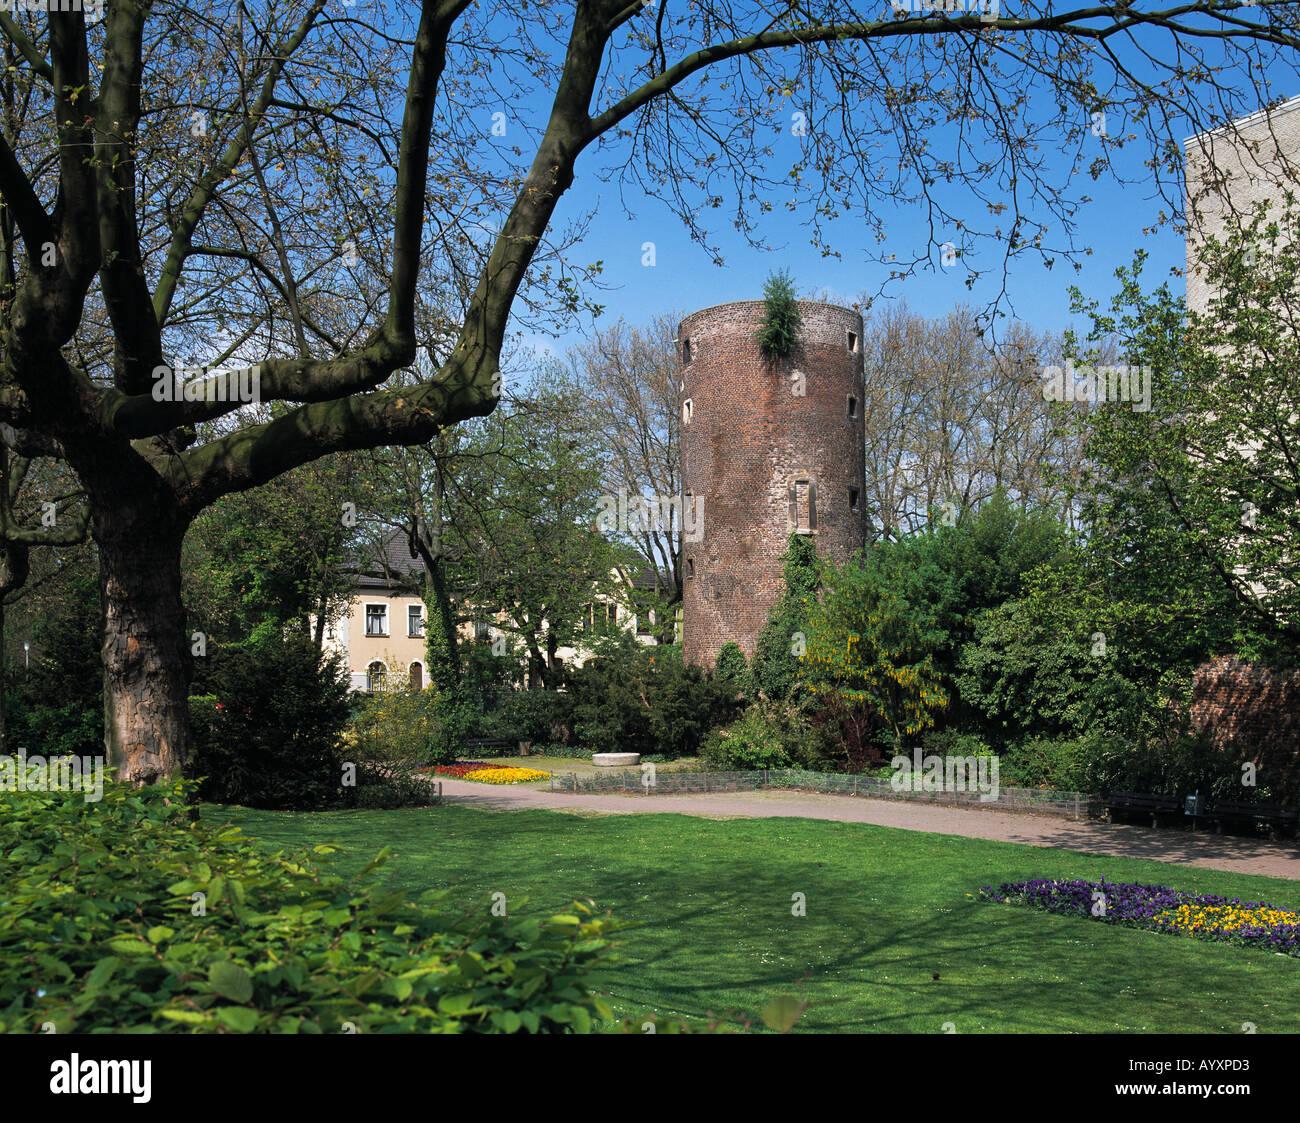 Stadtturm, Parkanlage, Fruehlingsstimmung, Krefeld-Uerdingen, Niederrhein, Nordrhein-Westfalen - Stock Image